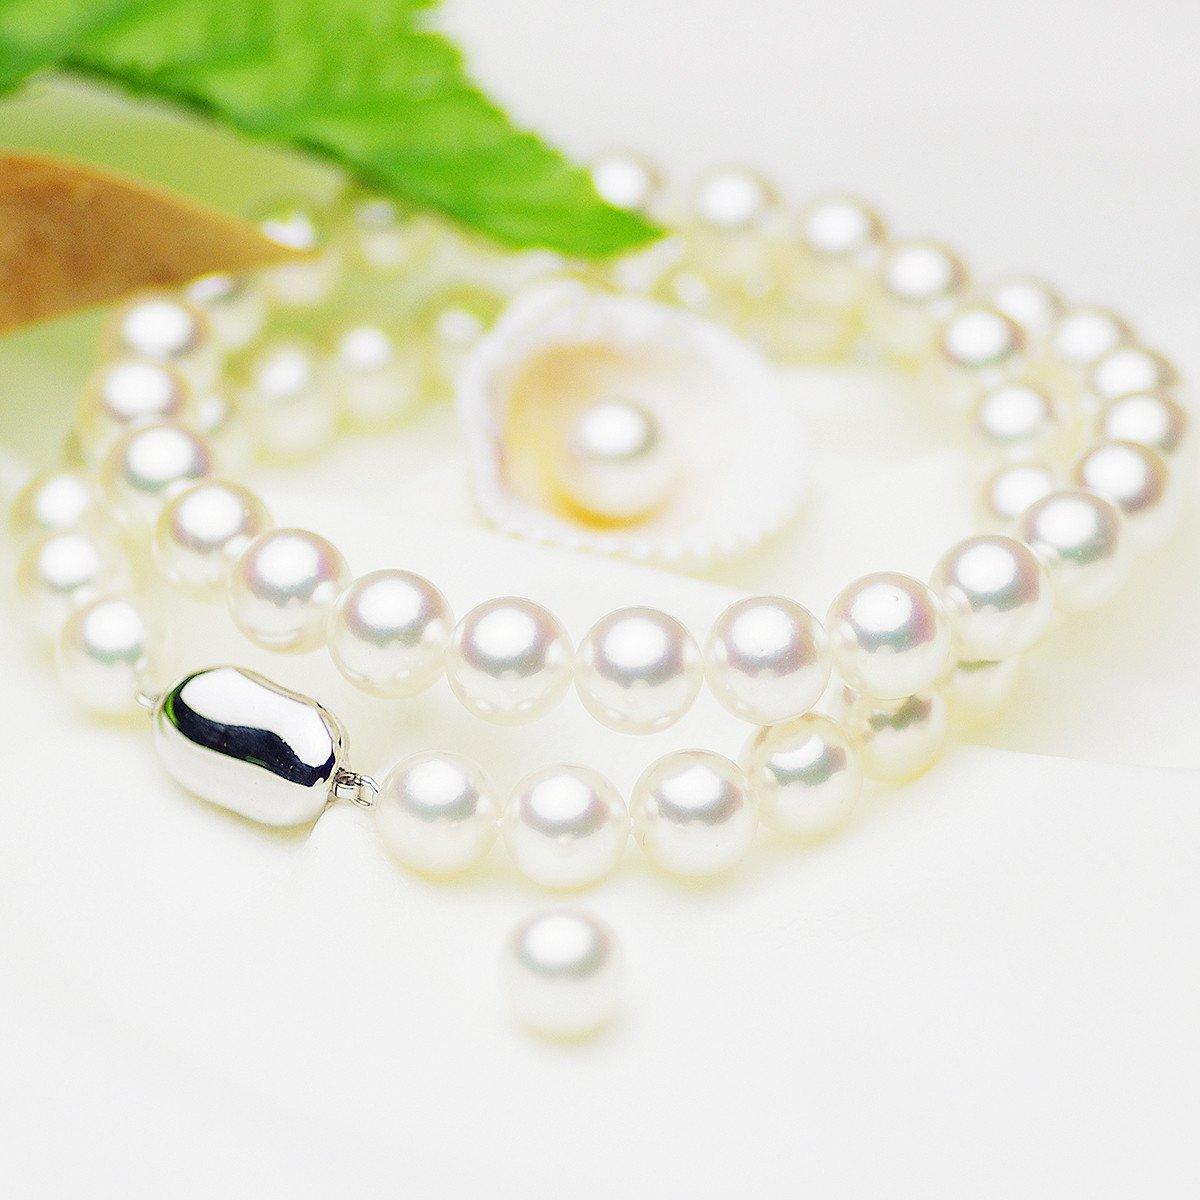 オーロラ花珠 真珠 パール フォーマル ネックレス セット アコヤ 約8.5-9.0mm シルバー SVの写真